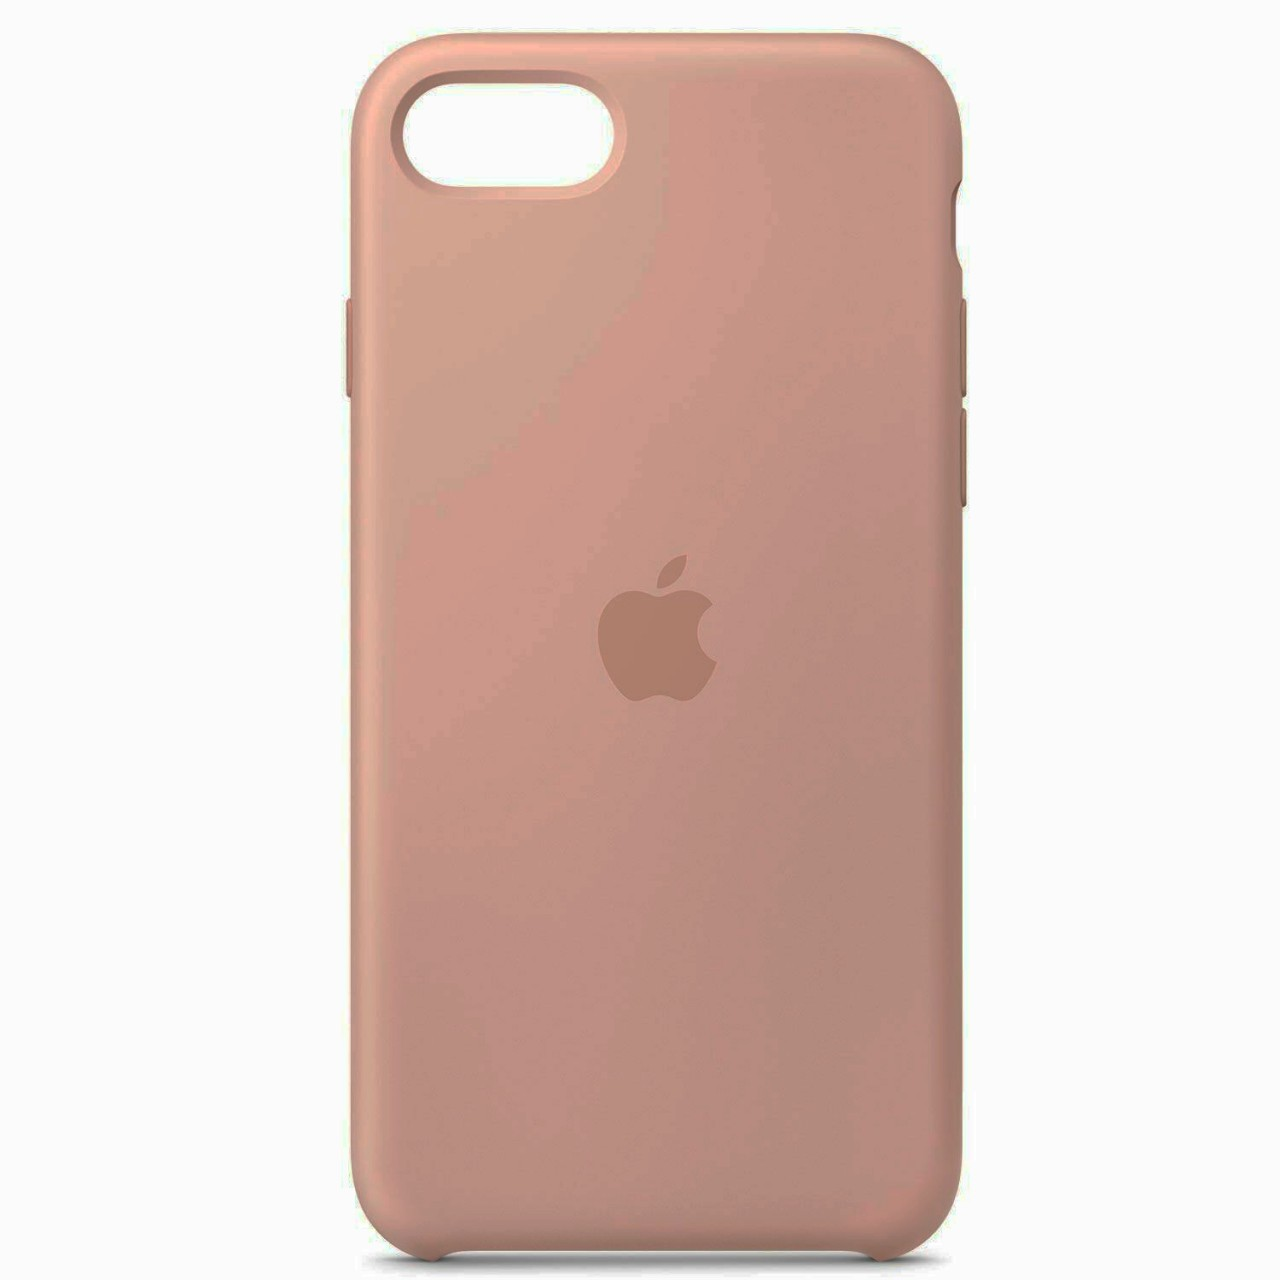 ΘΗΚΗ ΠΡΟΣΤΑΣΙΑΣ ΣΙΛΙΚΟΝΗΣ ΓΙΑ iPhone 7 / 8 PLUS ΣΑΠΙΟ ΜΗΛΟ - BACK COVER SILICON CASE NUDE - OEM